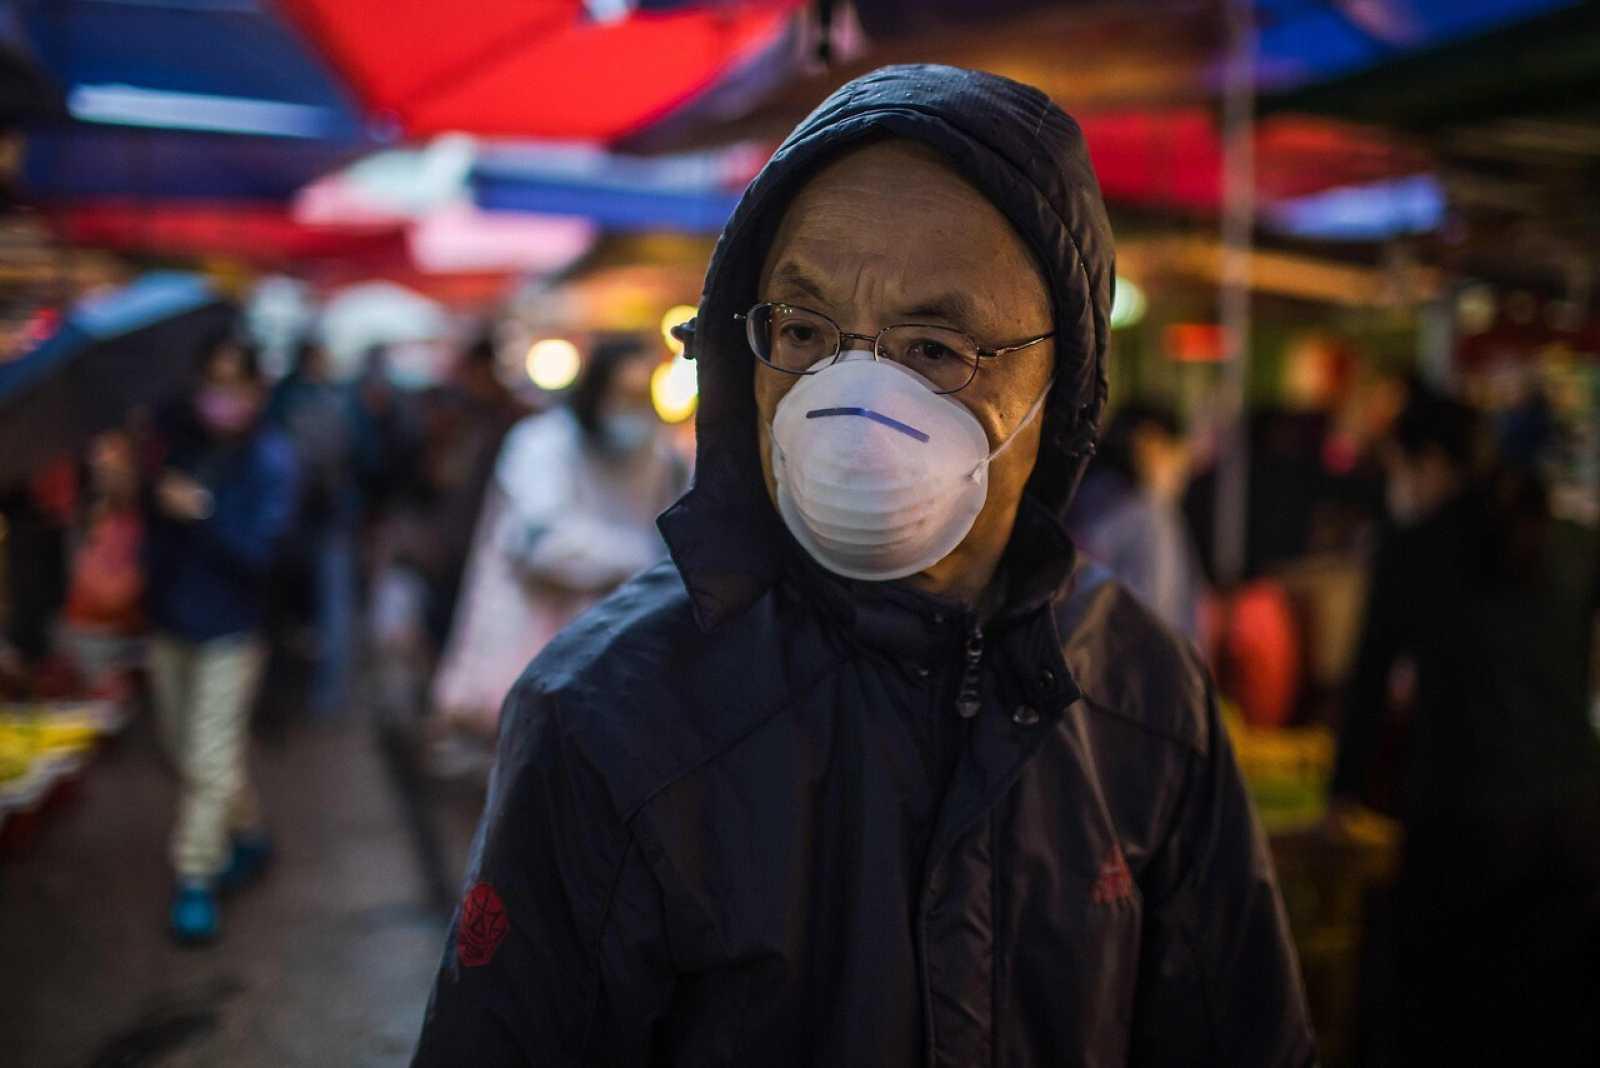 Un hombre pasea con mascarilla por un mercado de comida